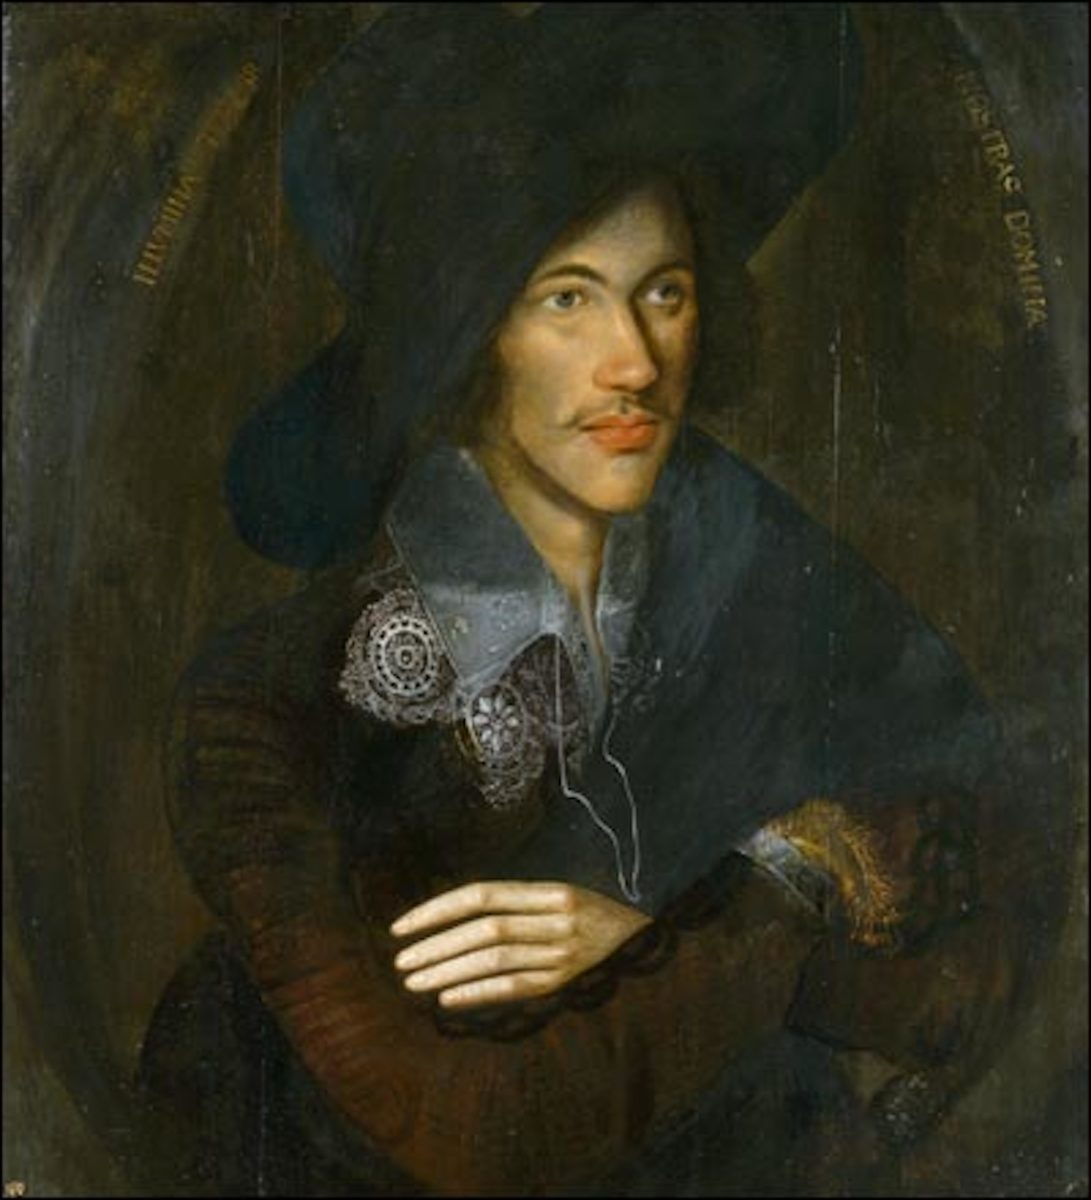 John Donne's Holy Sonnet VI